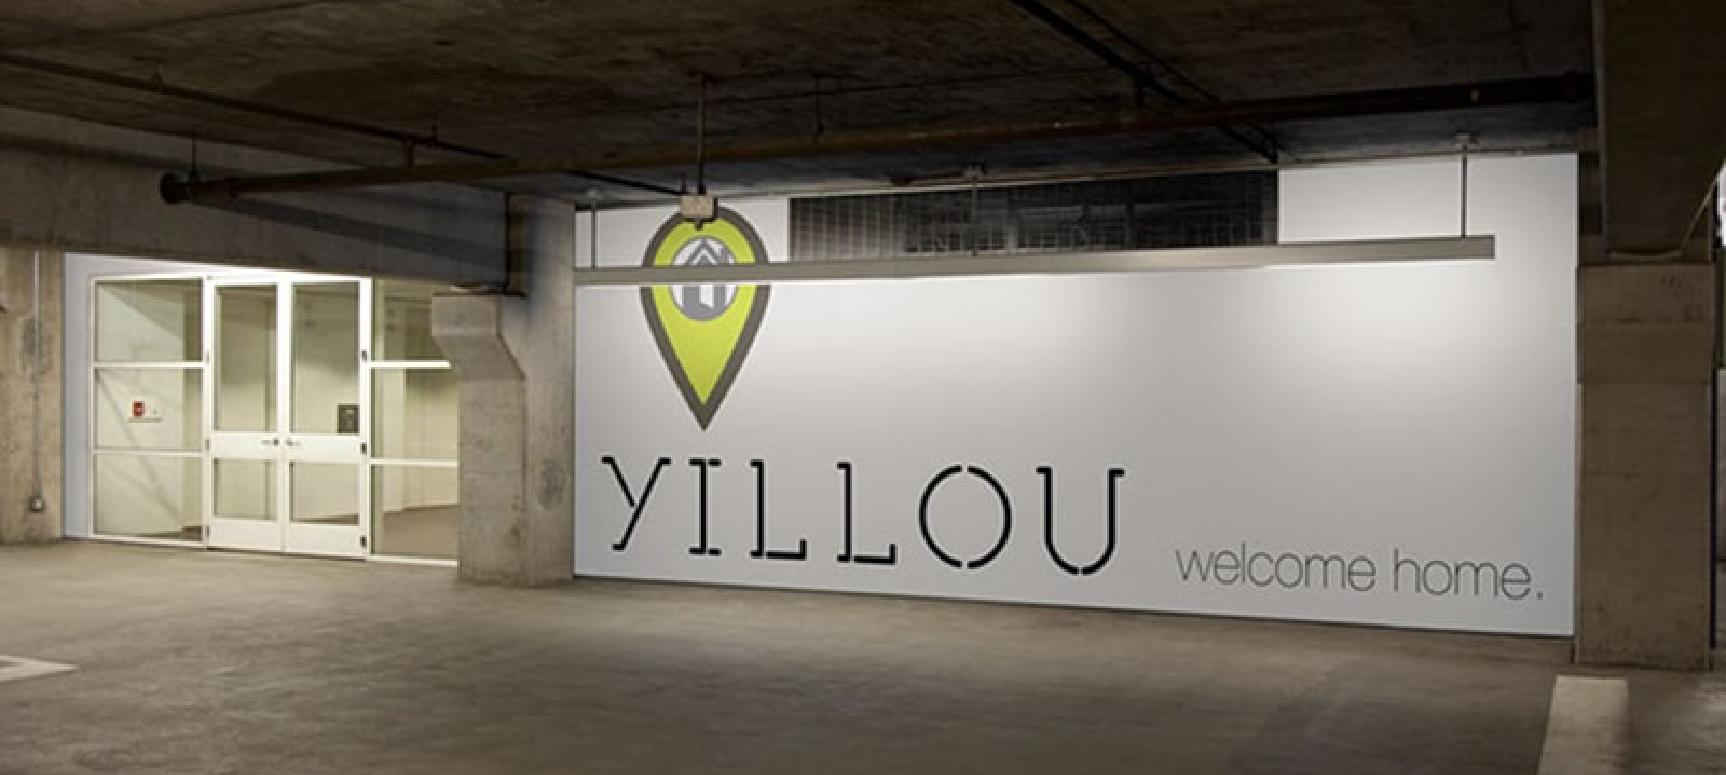 Yillou environmental design